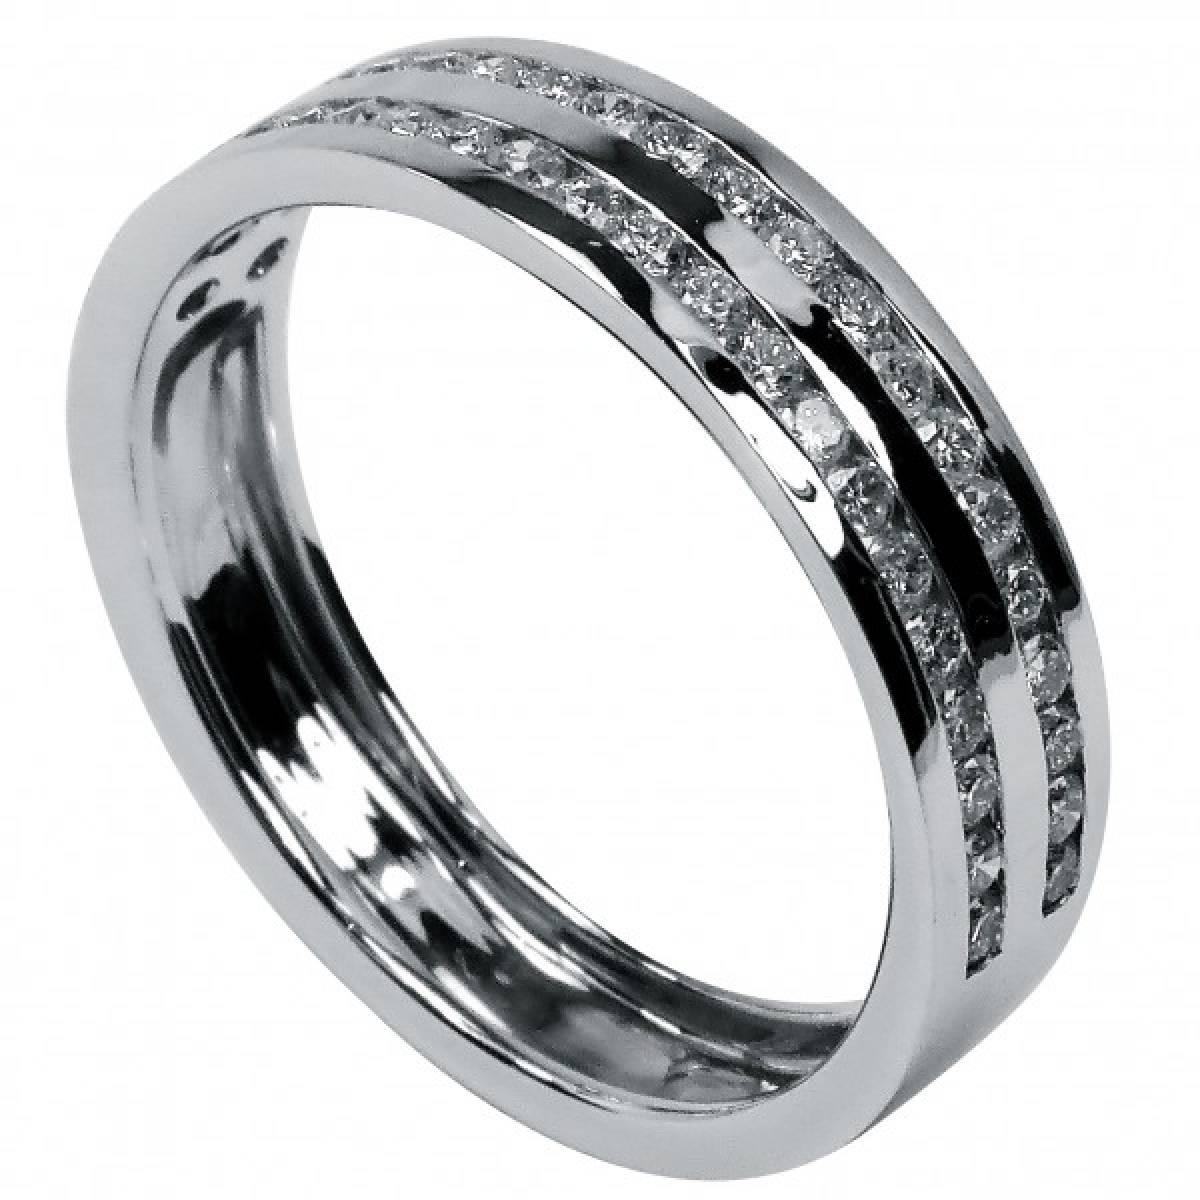 Anel de Noivado em ouro branco de 19,2 kts, com 50 diamantes de 0,75 cts